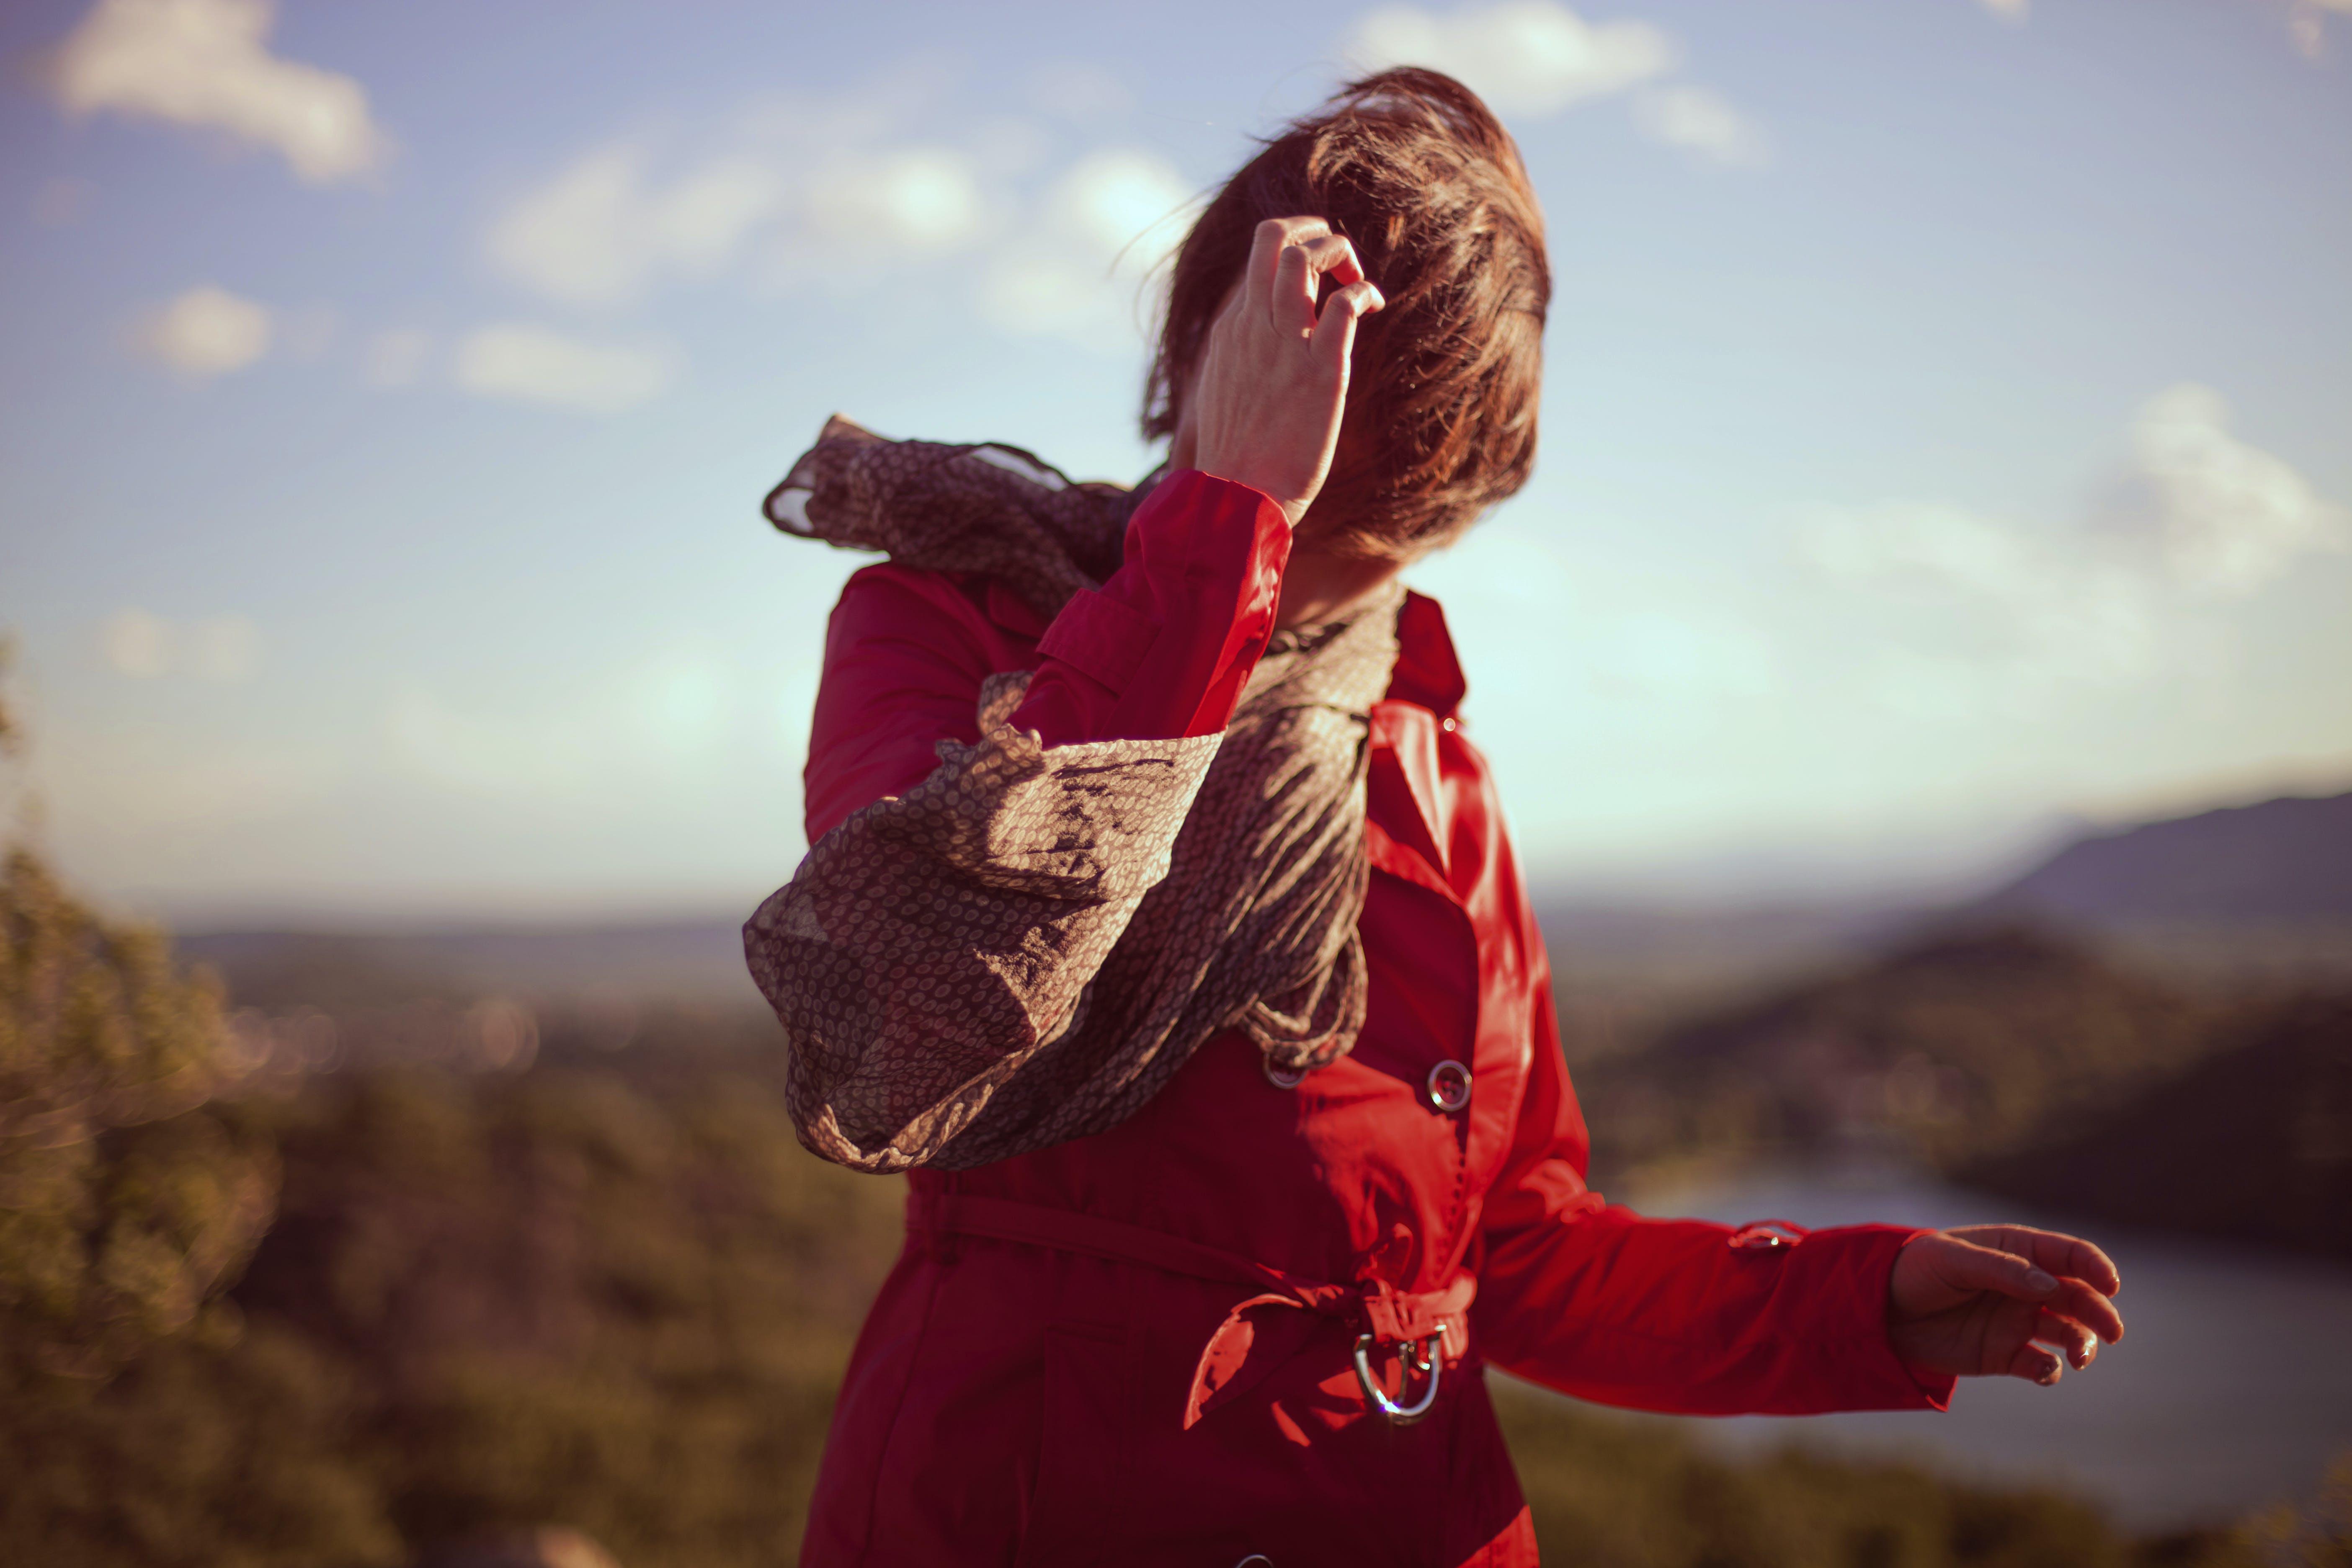 Kostenloses Stock Foto zu erwachsener, fashion, frau, informell